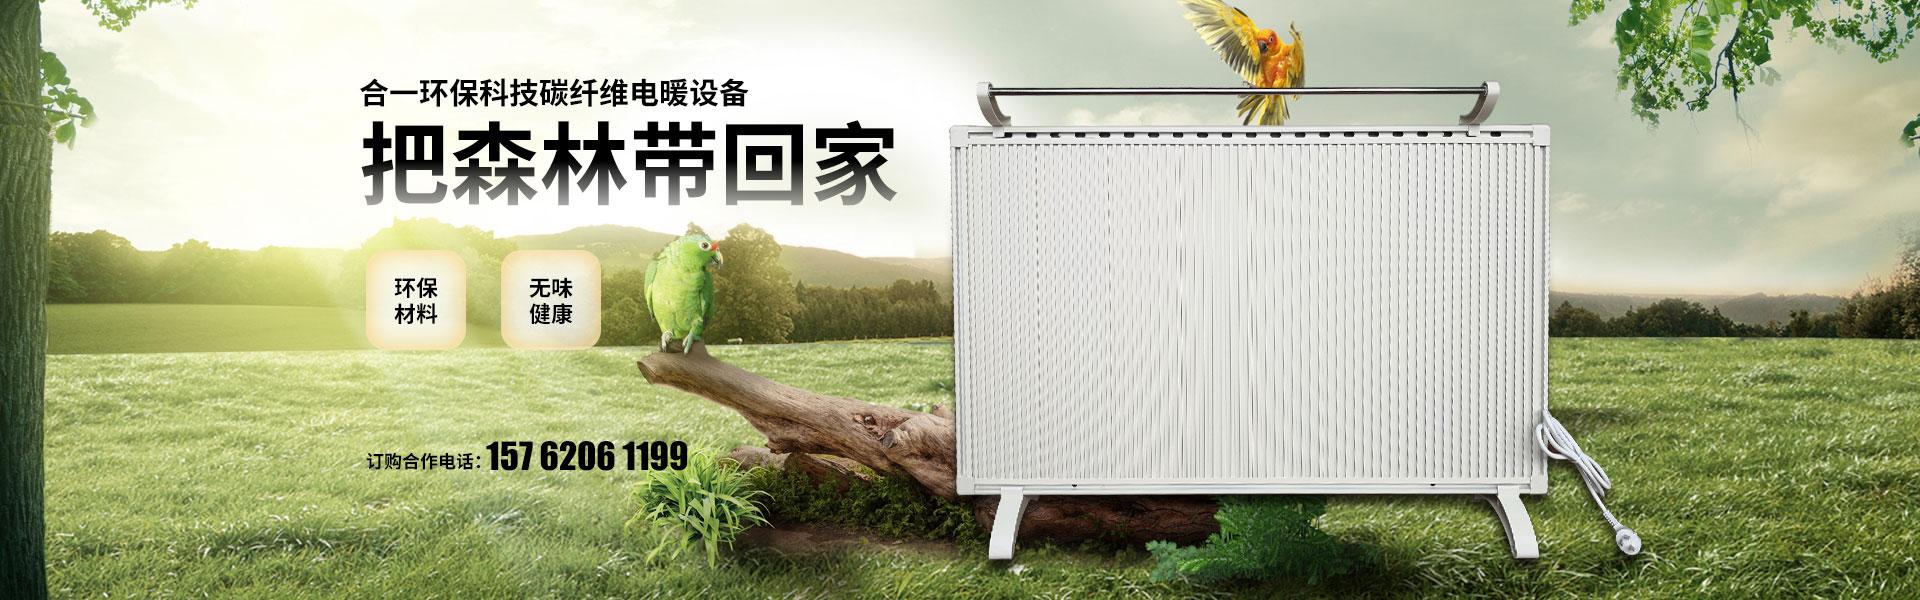 碳纤维无框电暖画,碳纤维无框墙暖,碳纤维电暖器,智能采暖炉